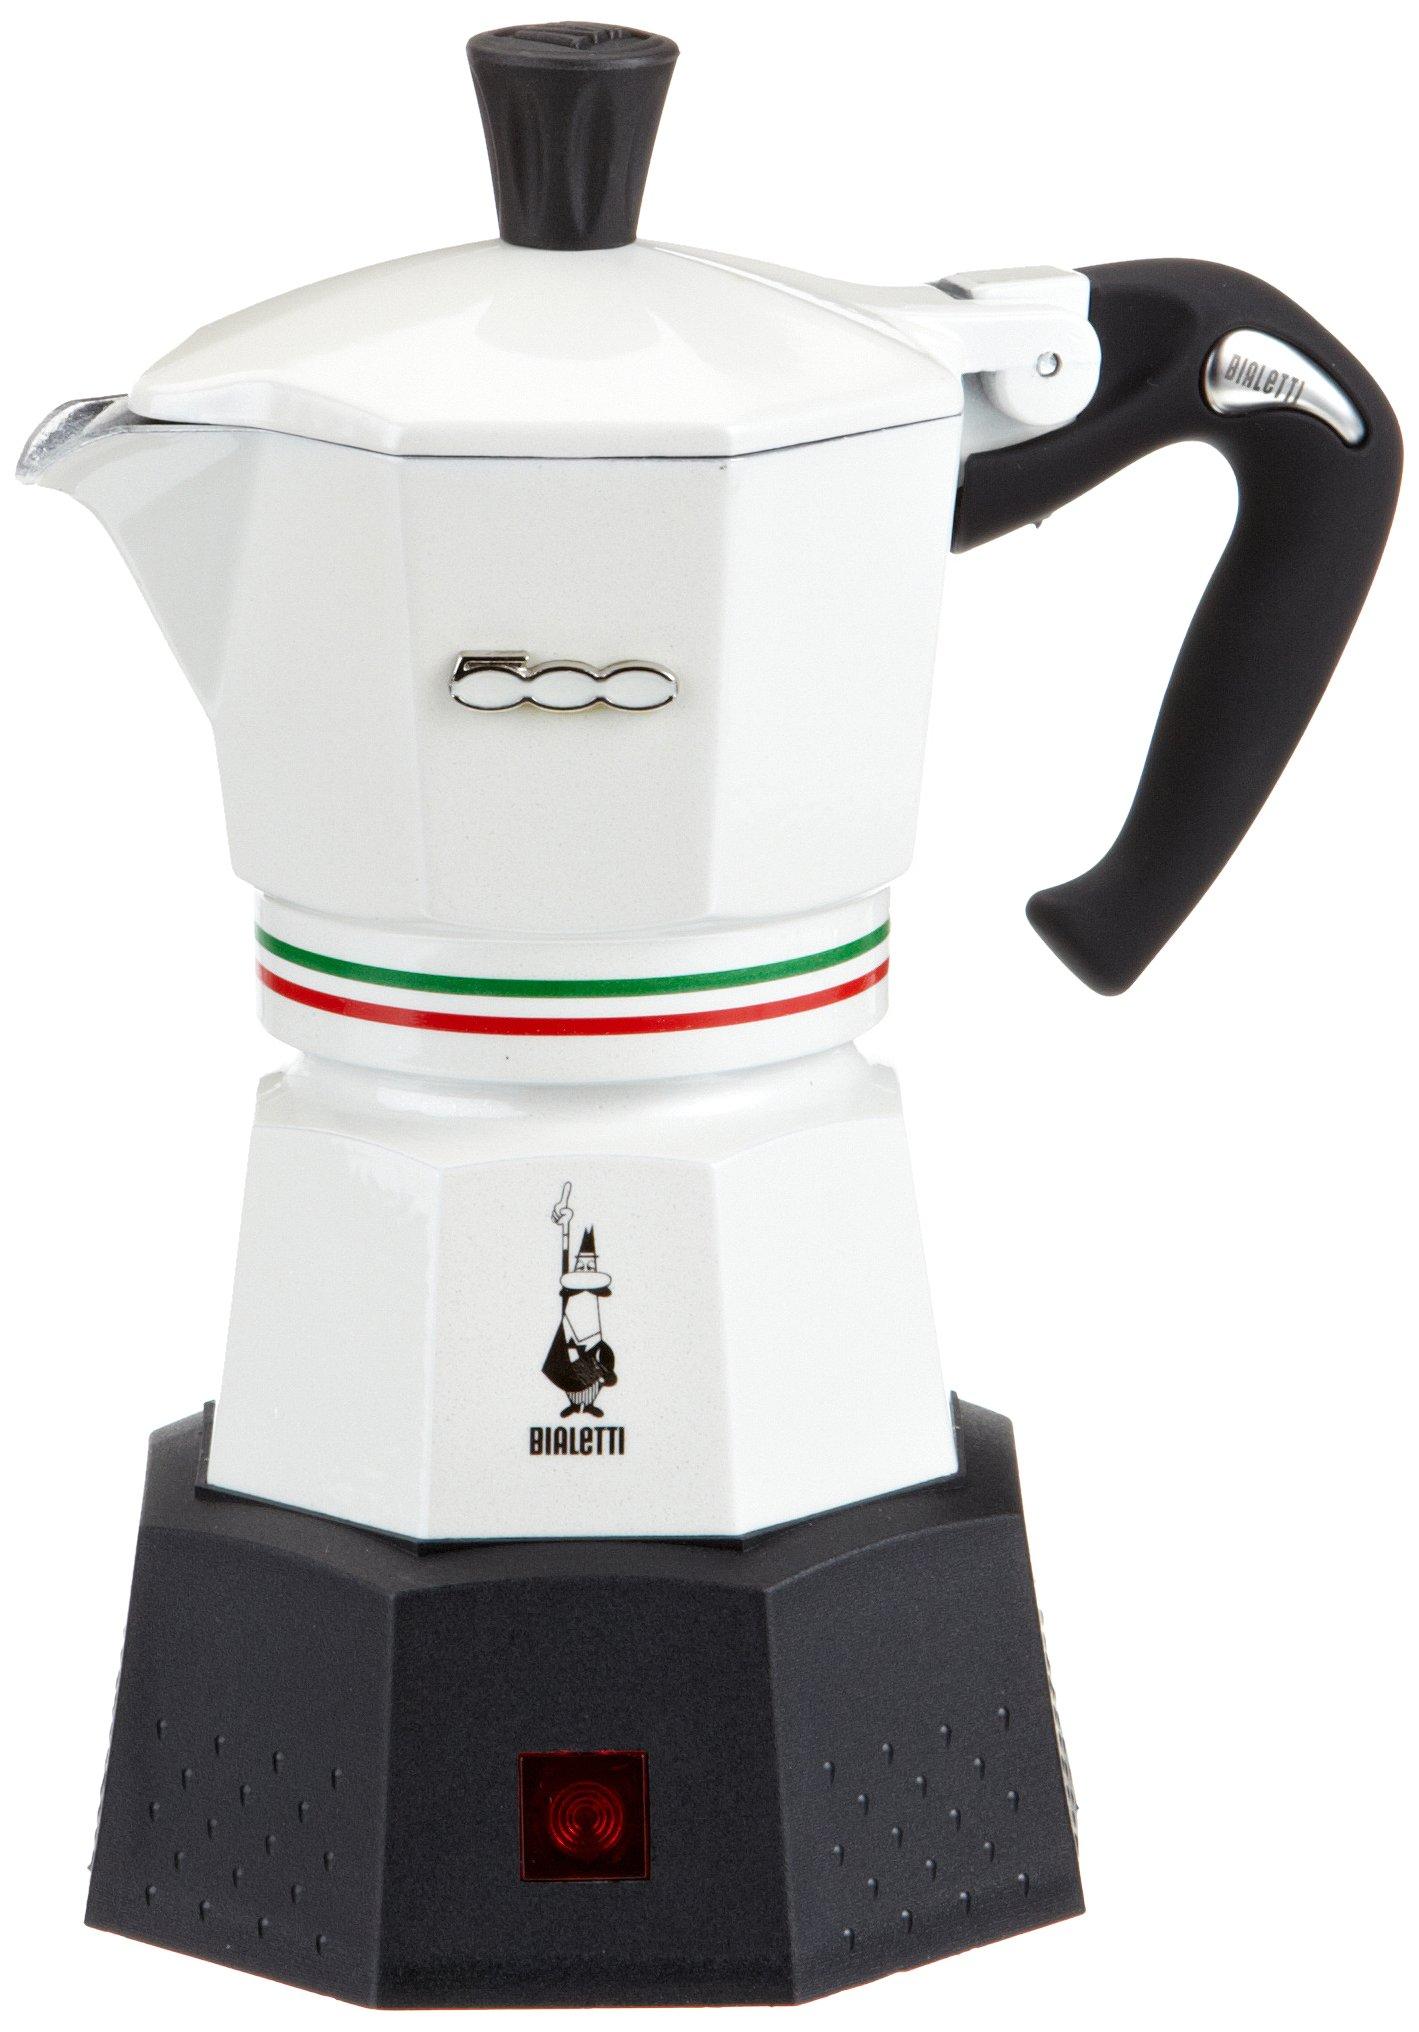 Bialetti Elektrika Fiat 500 - Cafetera italiana eléctrica (3 tazas ...